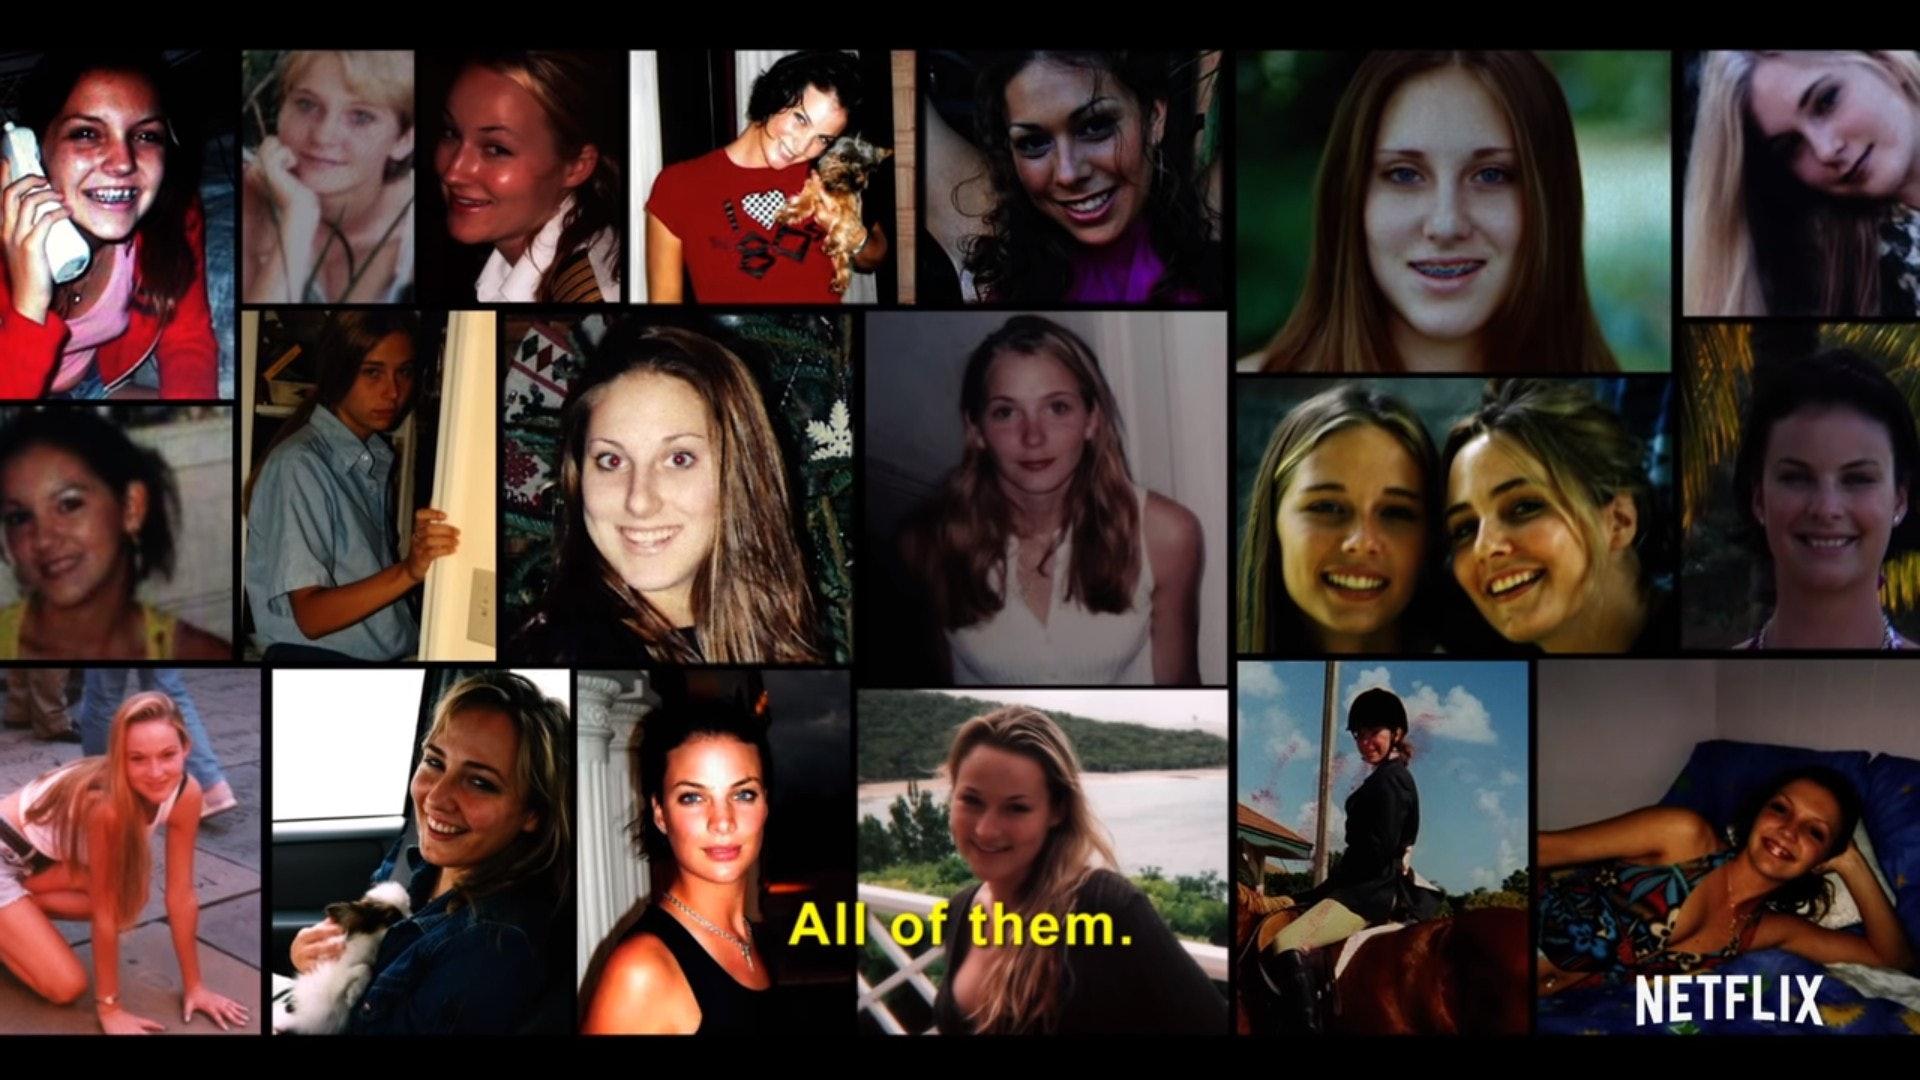 被Epstein性侵过的受害人至少有40位。(影片截图)